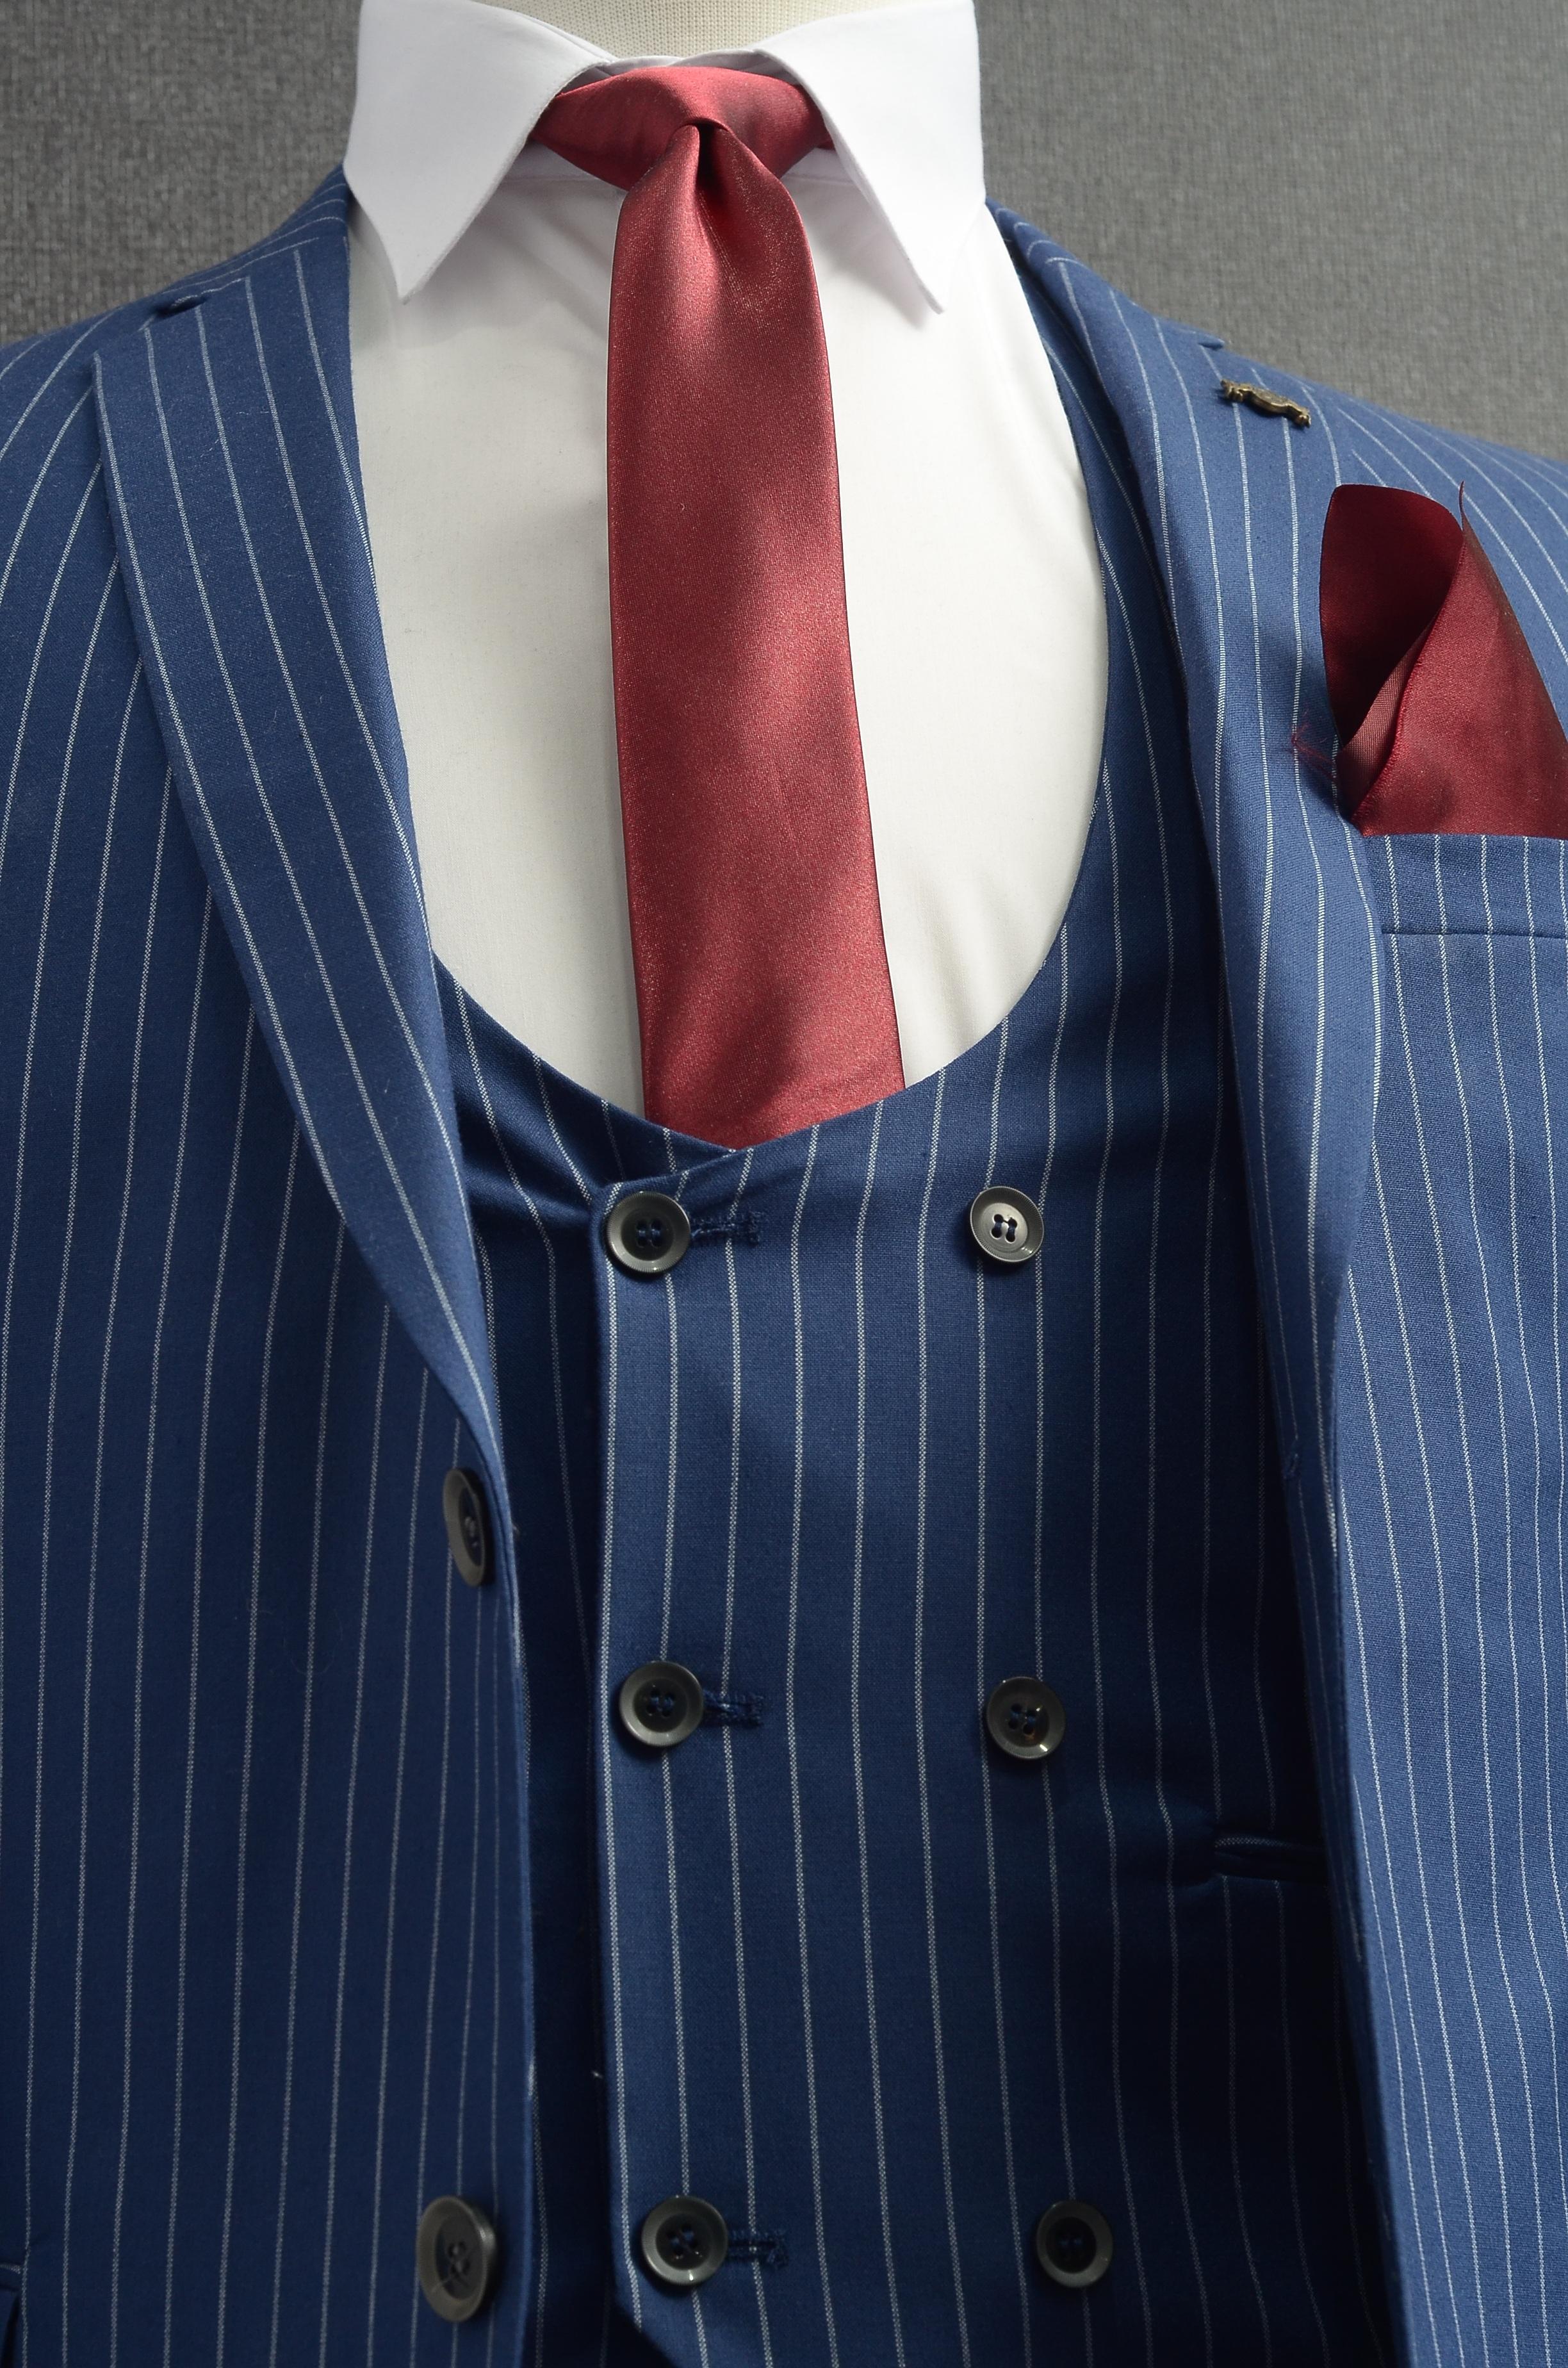 bbee98682e öltöny minta nyakkendő ruházat pléd dzseki felsőruházat ing gomb gallér  szmoking textil férfiak tervezés zseb-